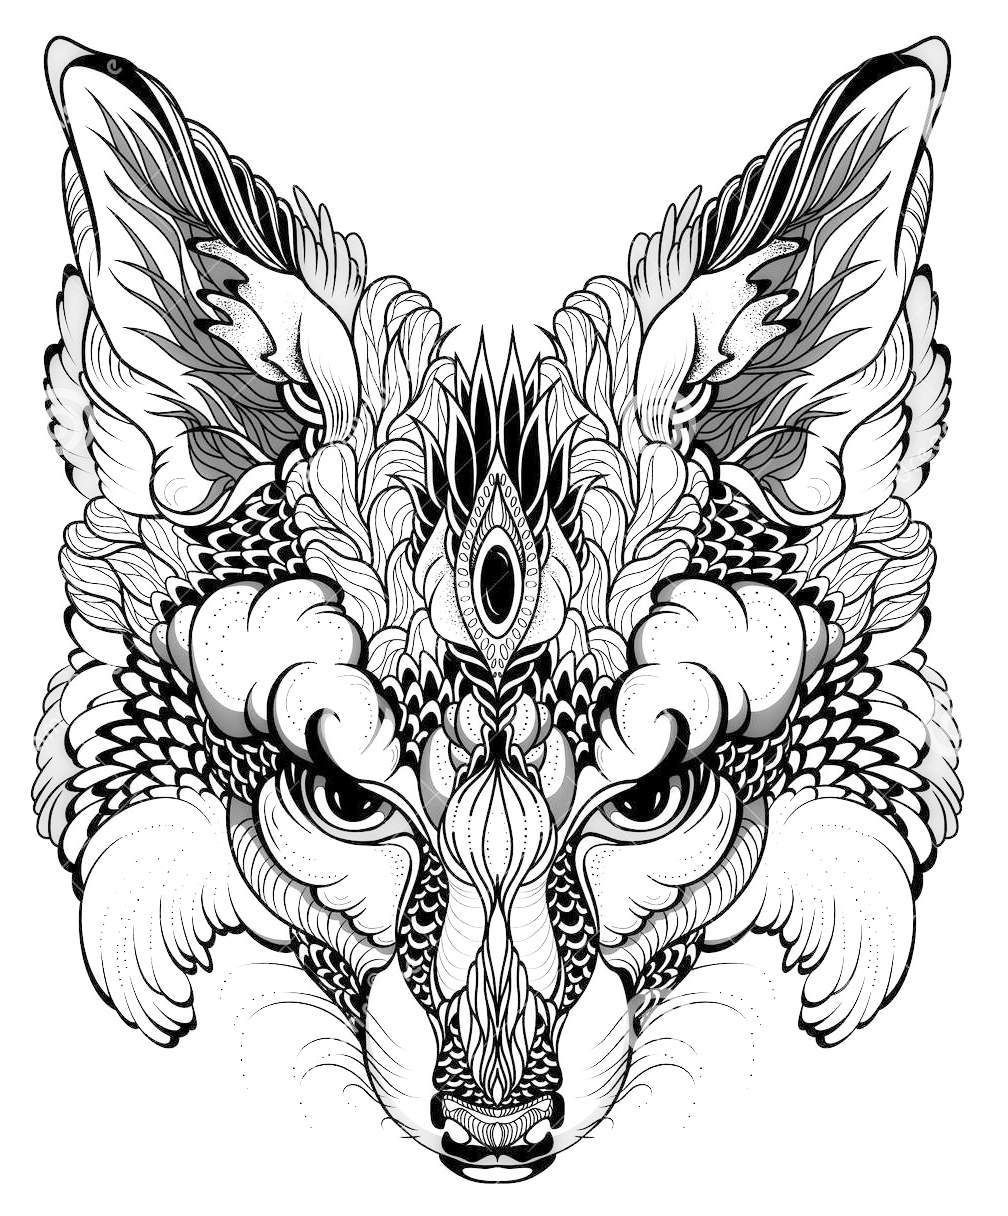 Mandala Fox Mask Coloring Page Fox Coloring Page Mandala Coloring Pages Animal Coloring Pages